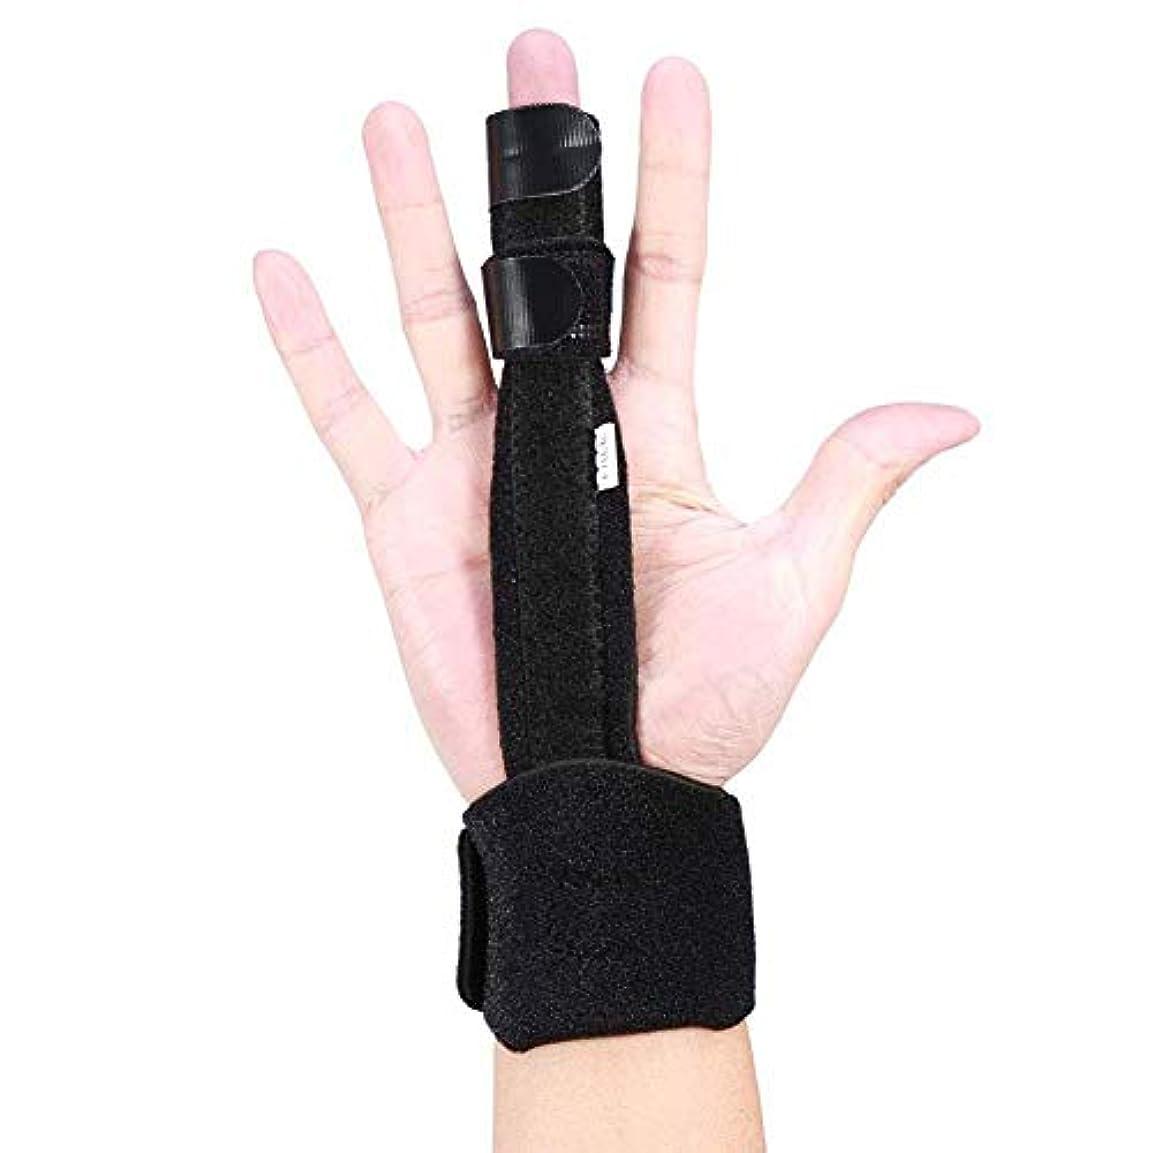 スリーブ回転させる留め金指の負傷のサポート、調整可能なアルミニウム製の指の副木手サポートの回復サポート保護傷害の援助